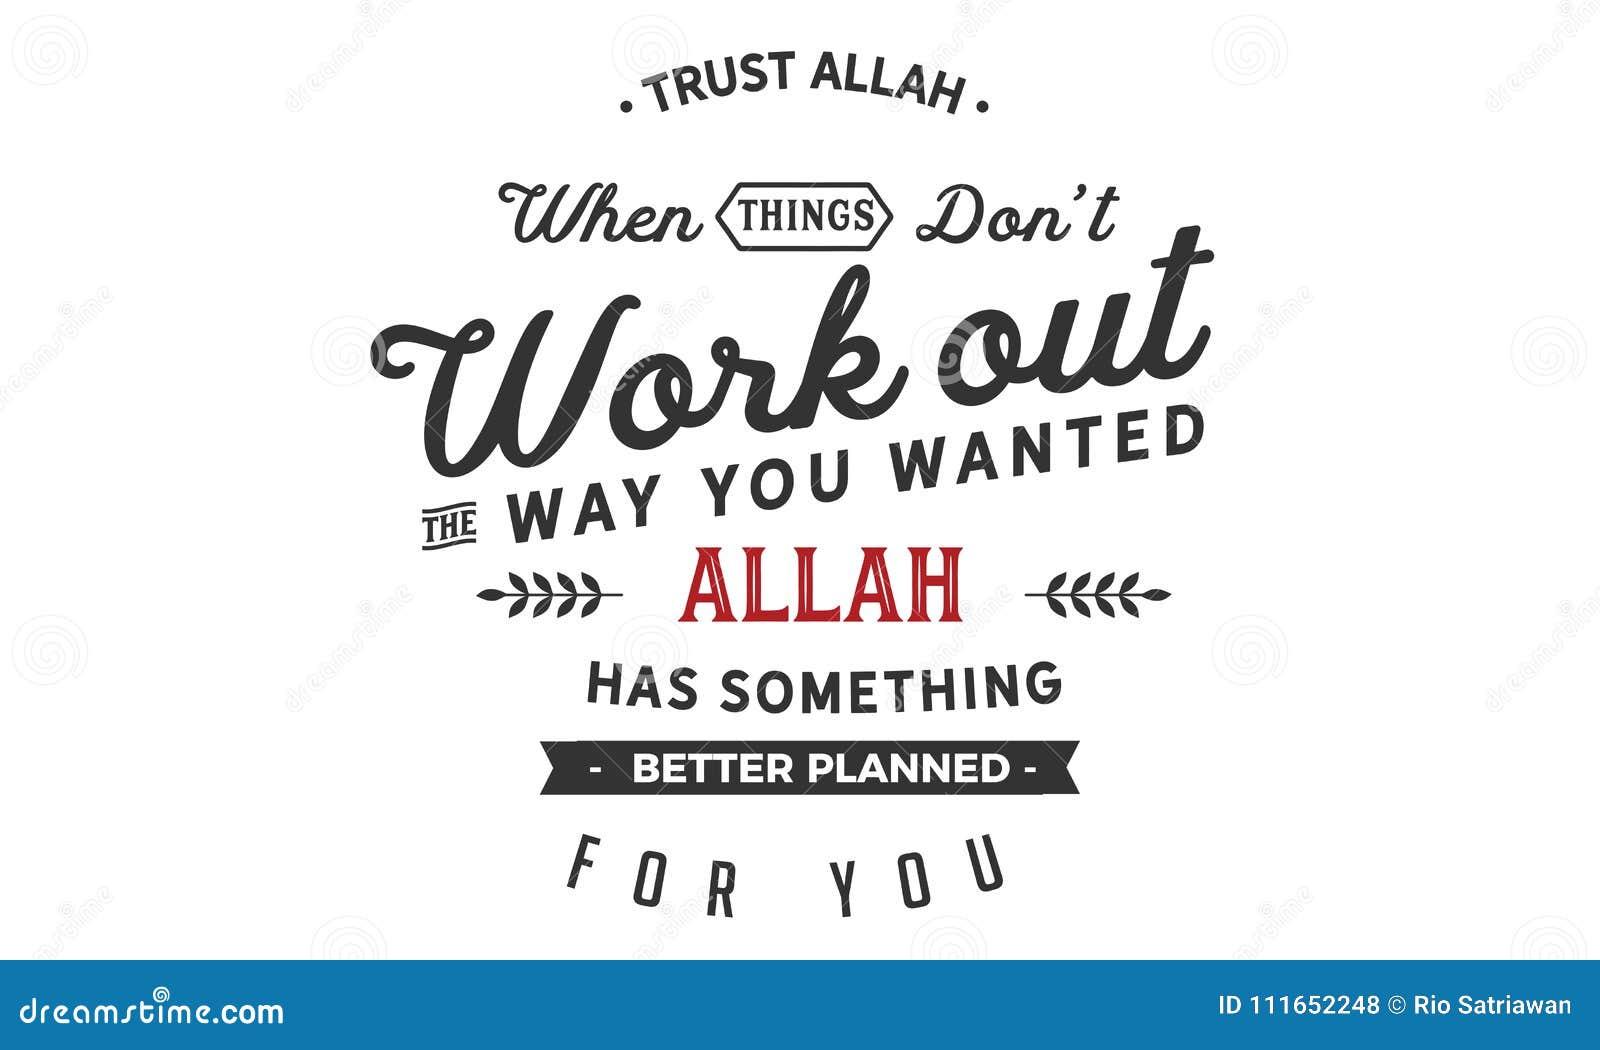 Faites confiance à Allah quand le don't de choses établissent la manière que vous avez voulue Allah a quelque chose plus bien p